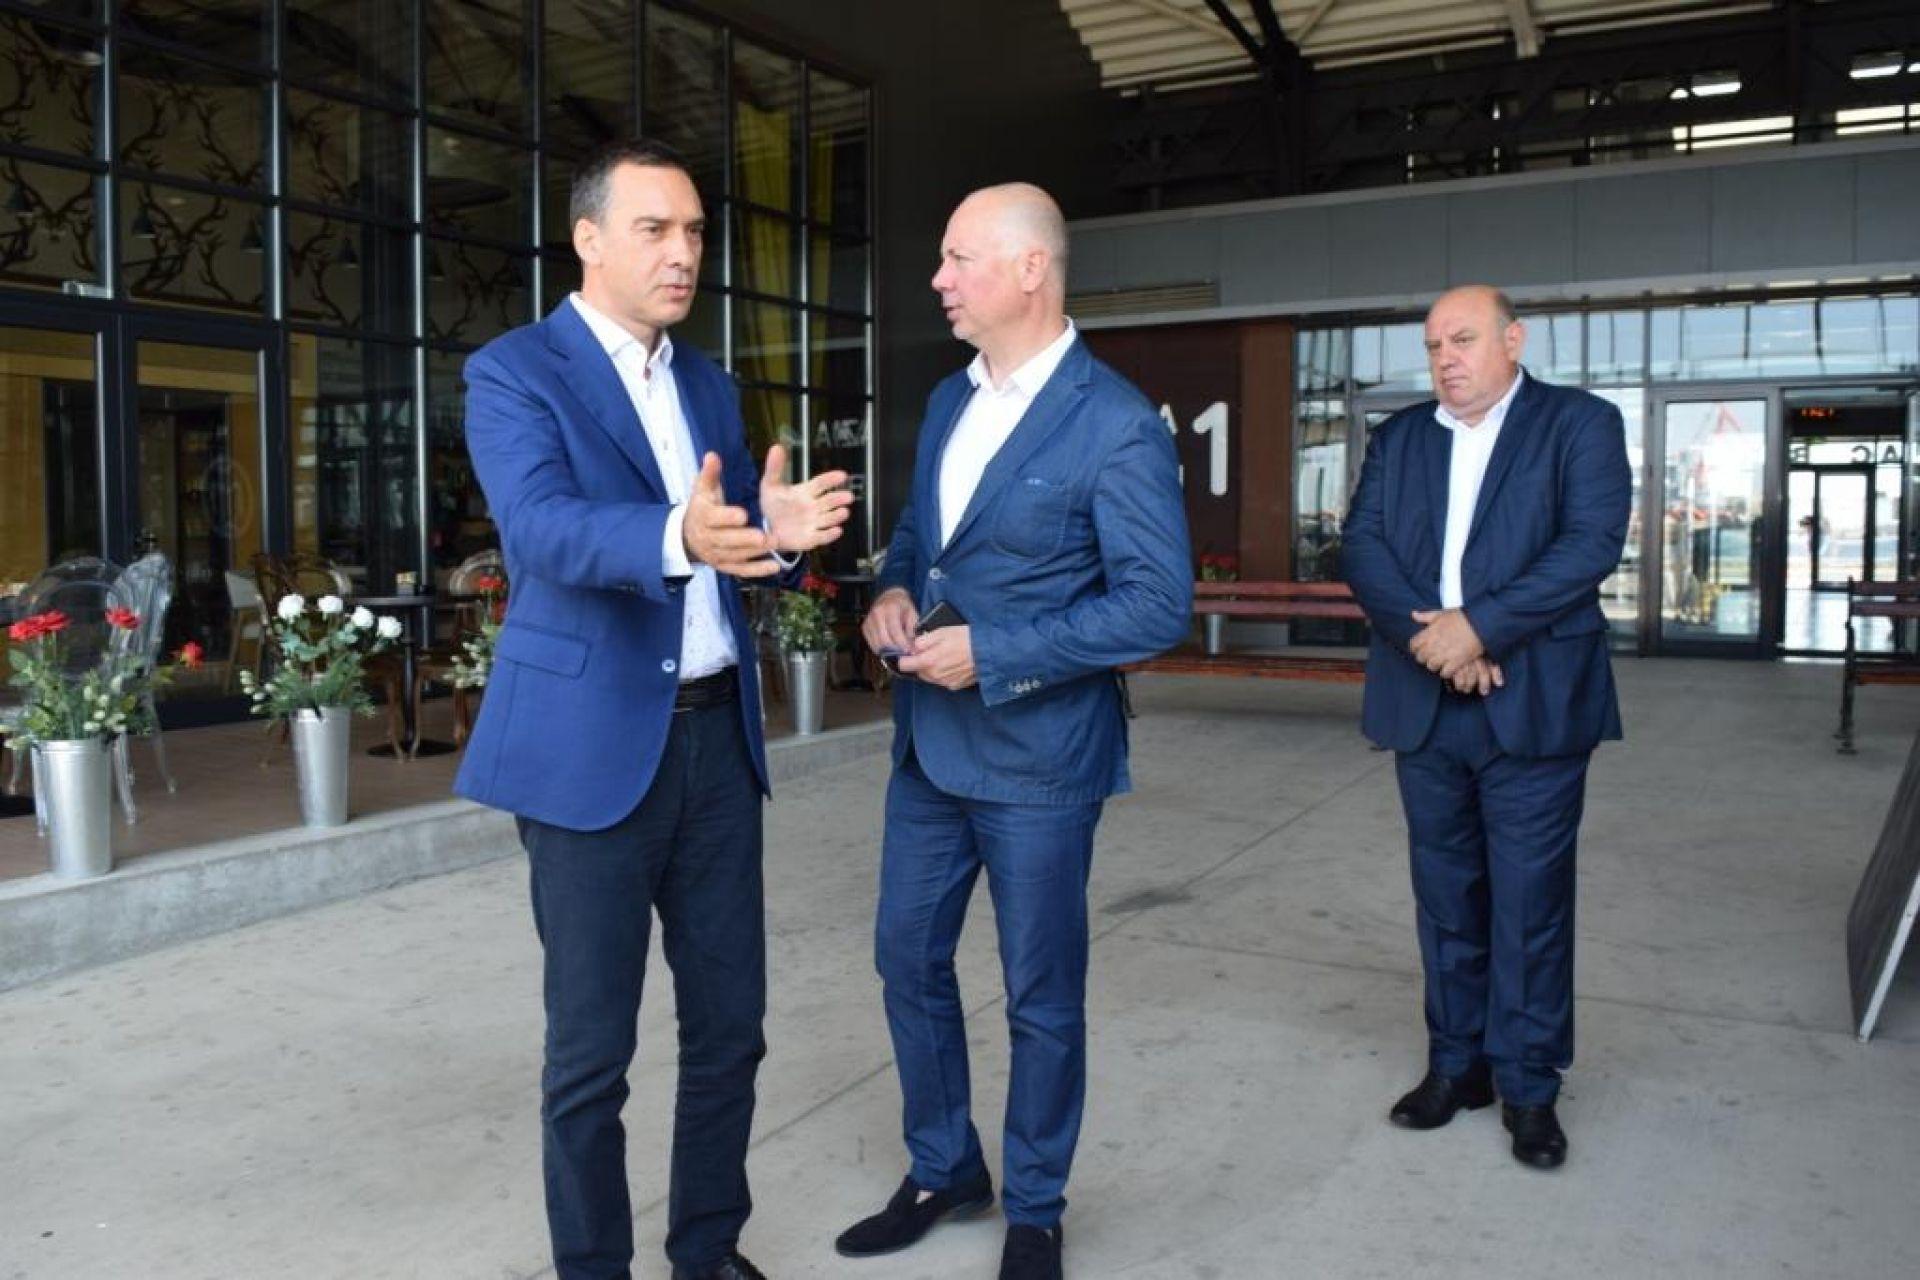 Бургас е в готовност да развива крайбрежните плавания с морски таксита - 27.08.2019